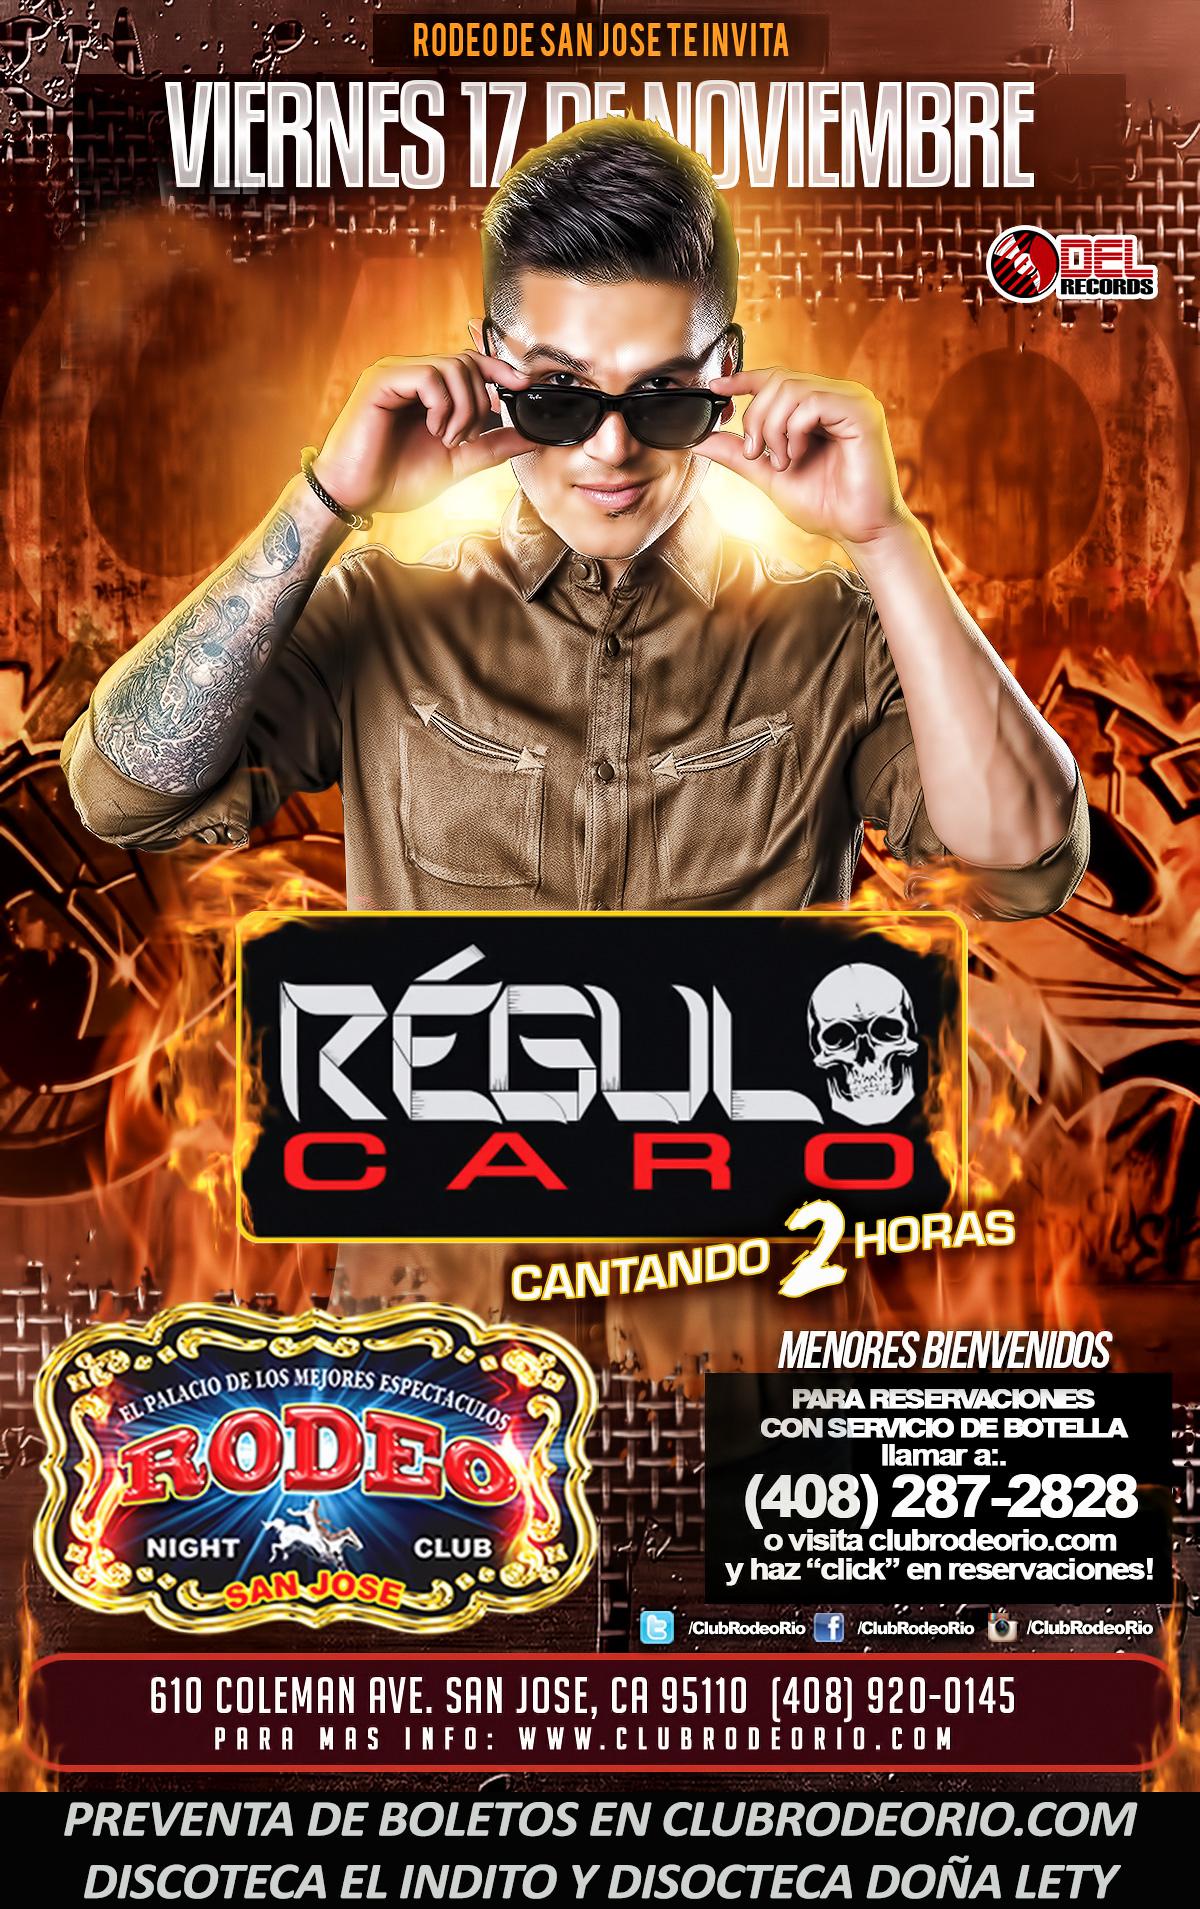 Regulo Caro Viernes 17 De Noviembre Club Rodeo De San Jose